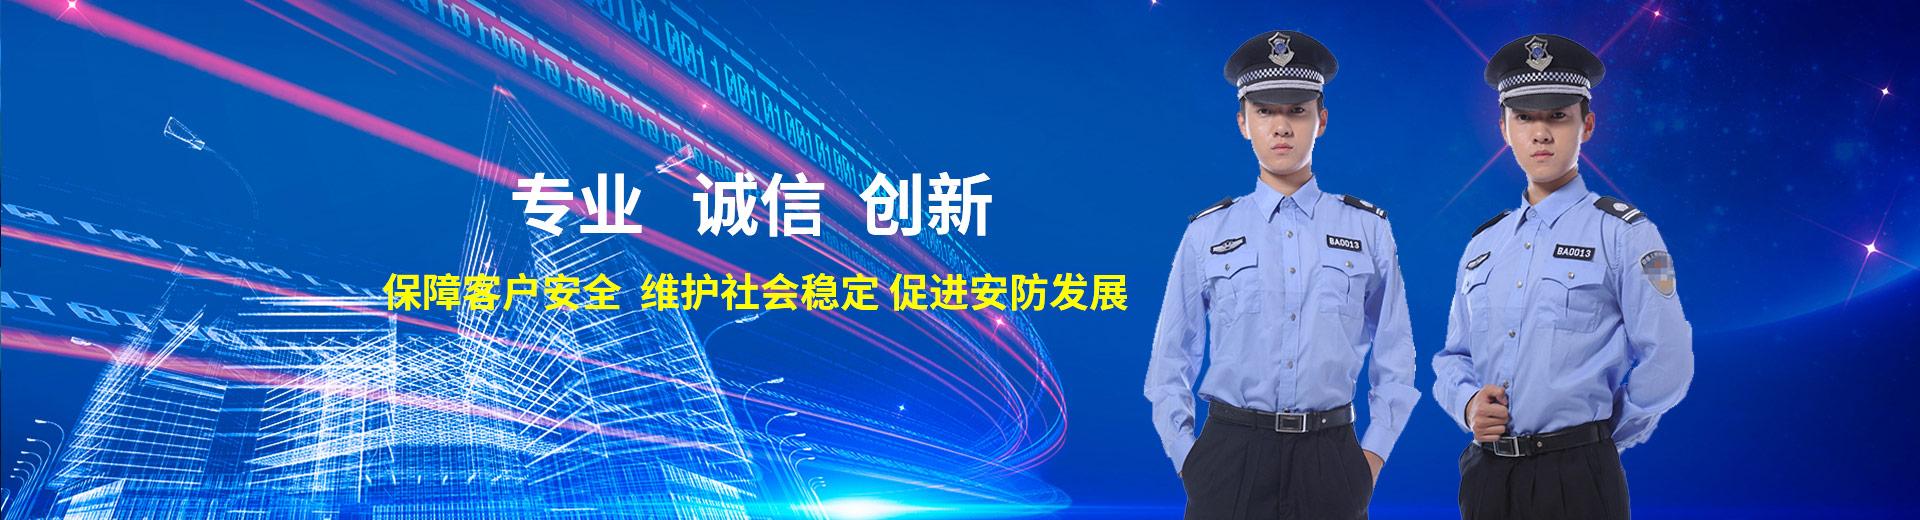 武汉学校保安